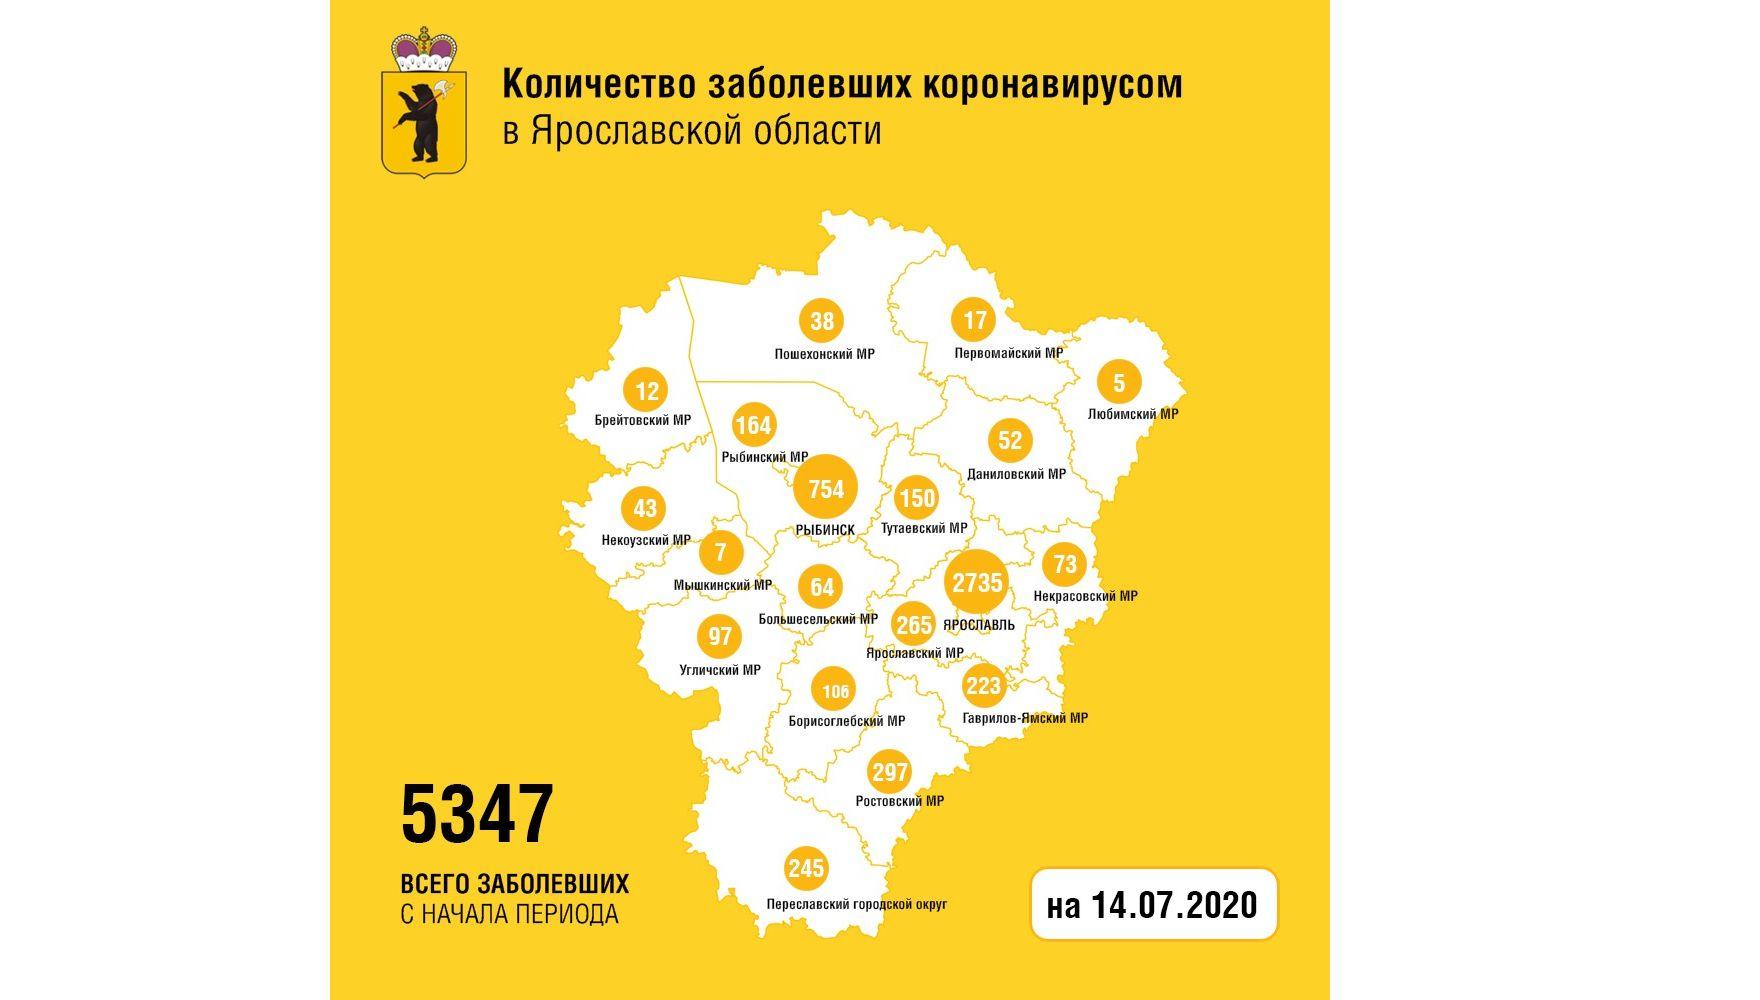 В Ярославской области от коронавируса за сутки вылечили еще 99 человек